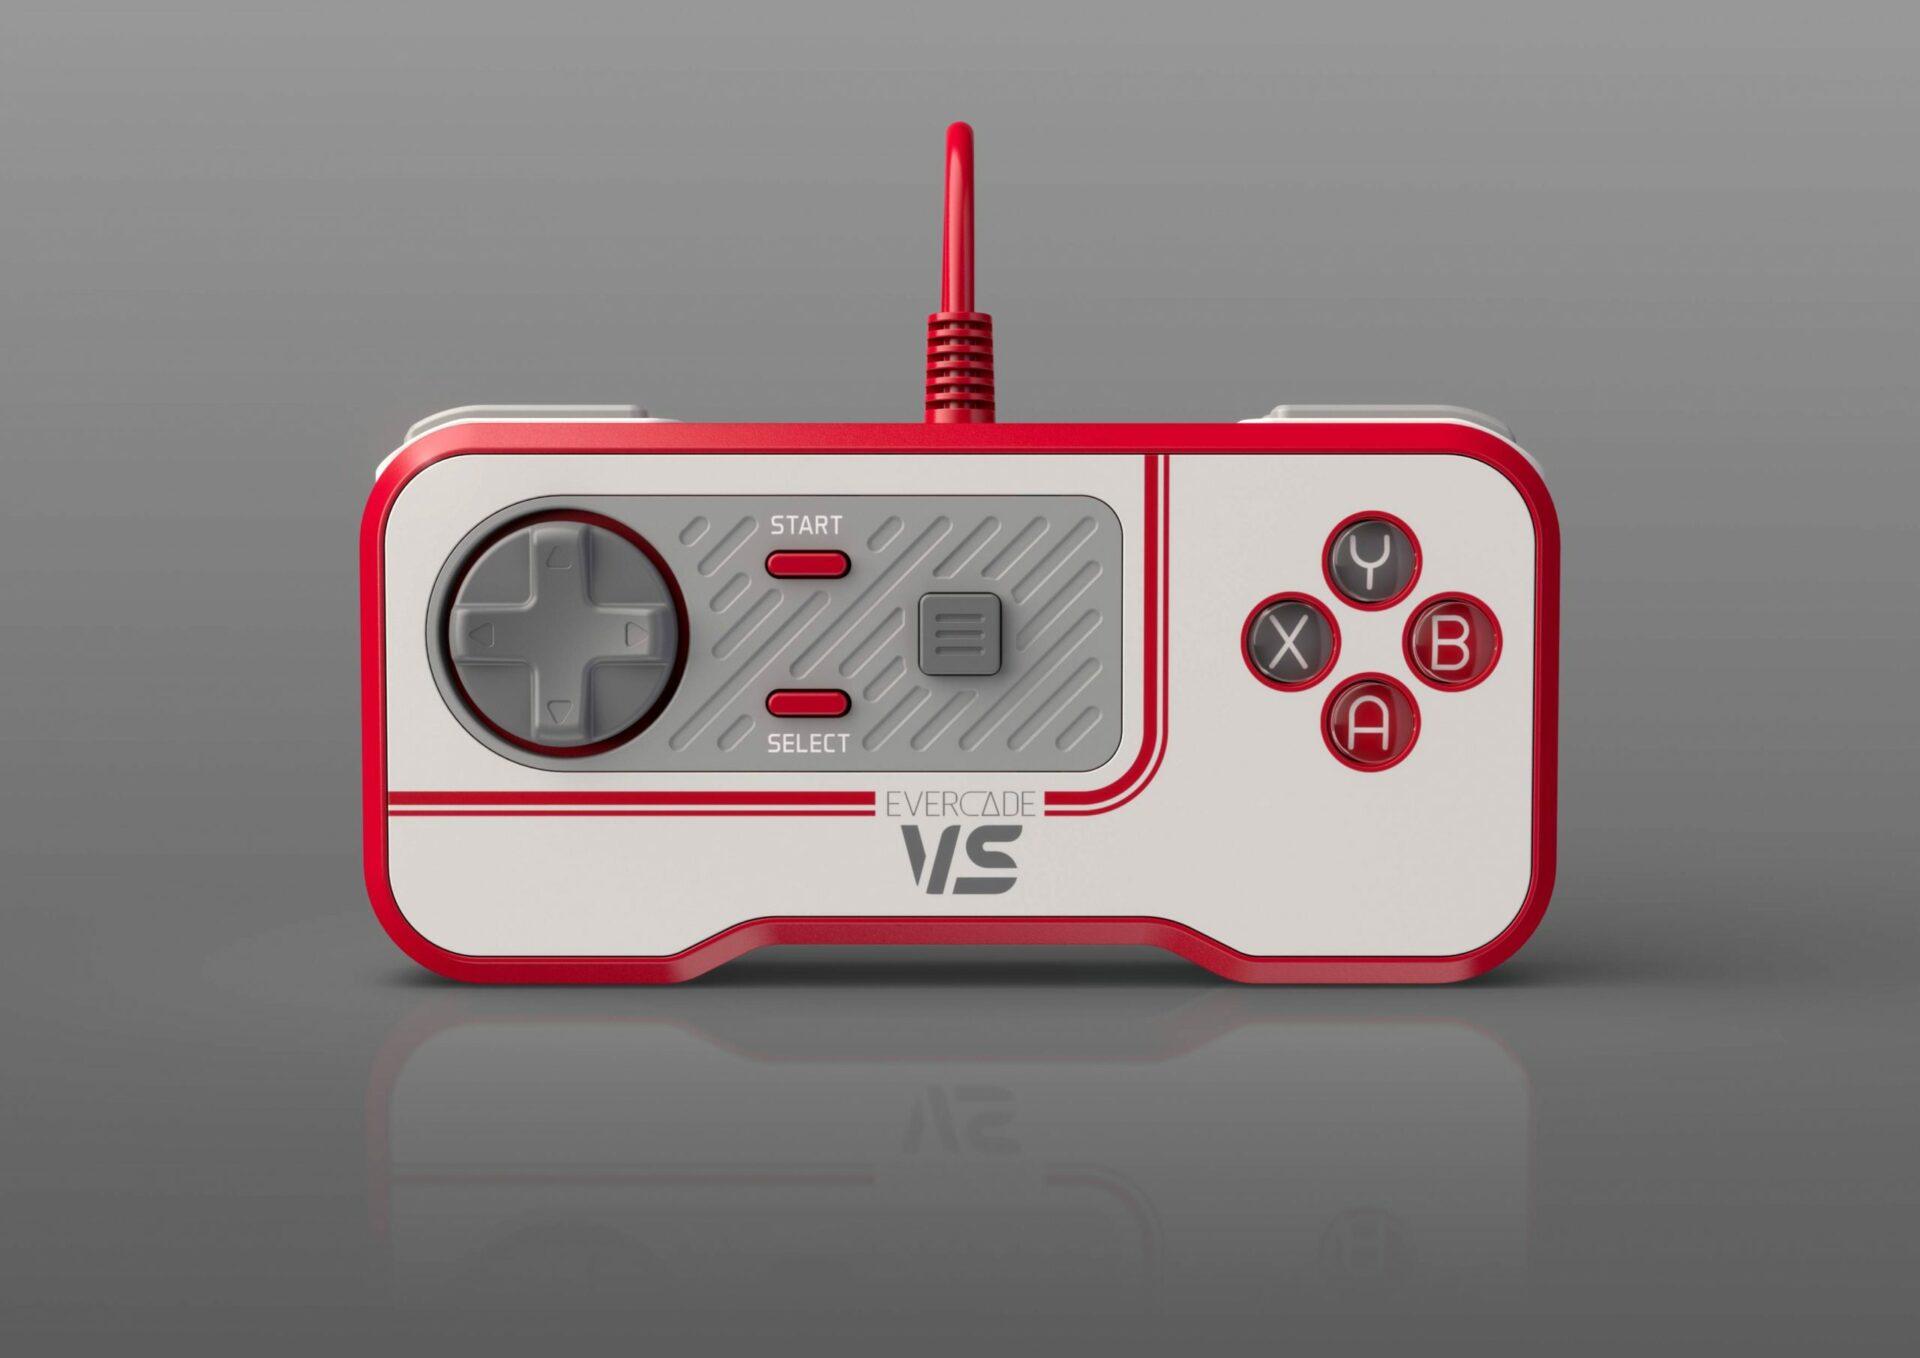 Copy of Evercade VS Console Image 03 F1